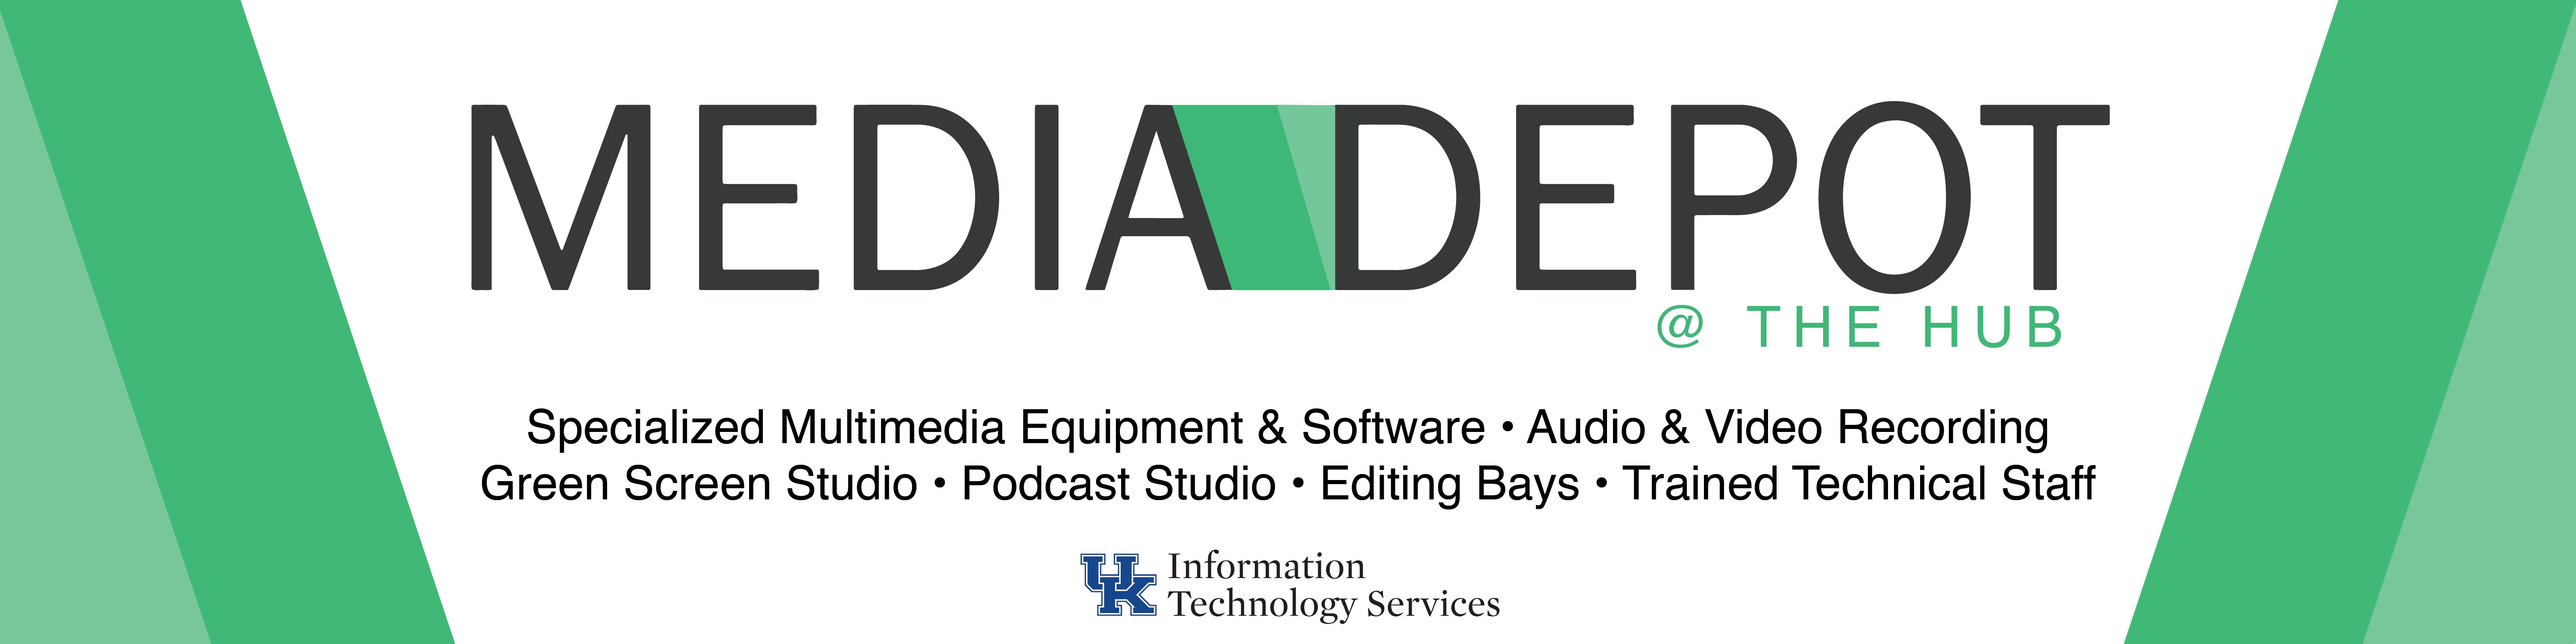 Media Depot Logo